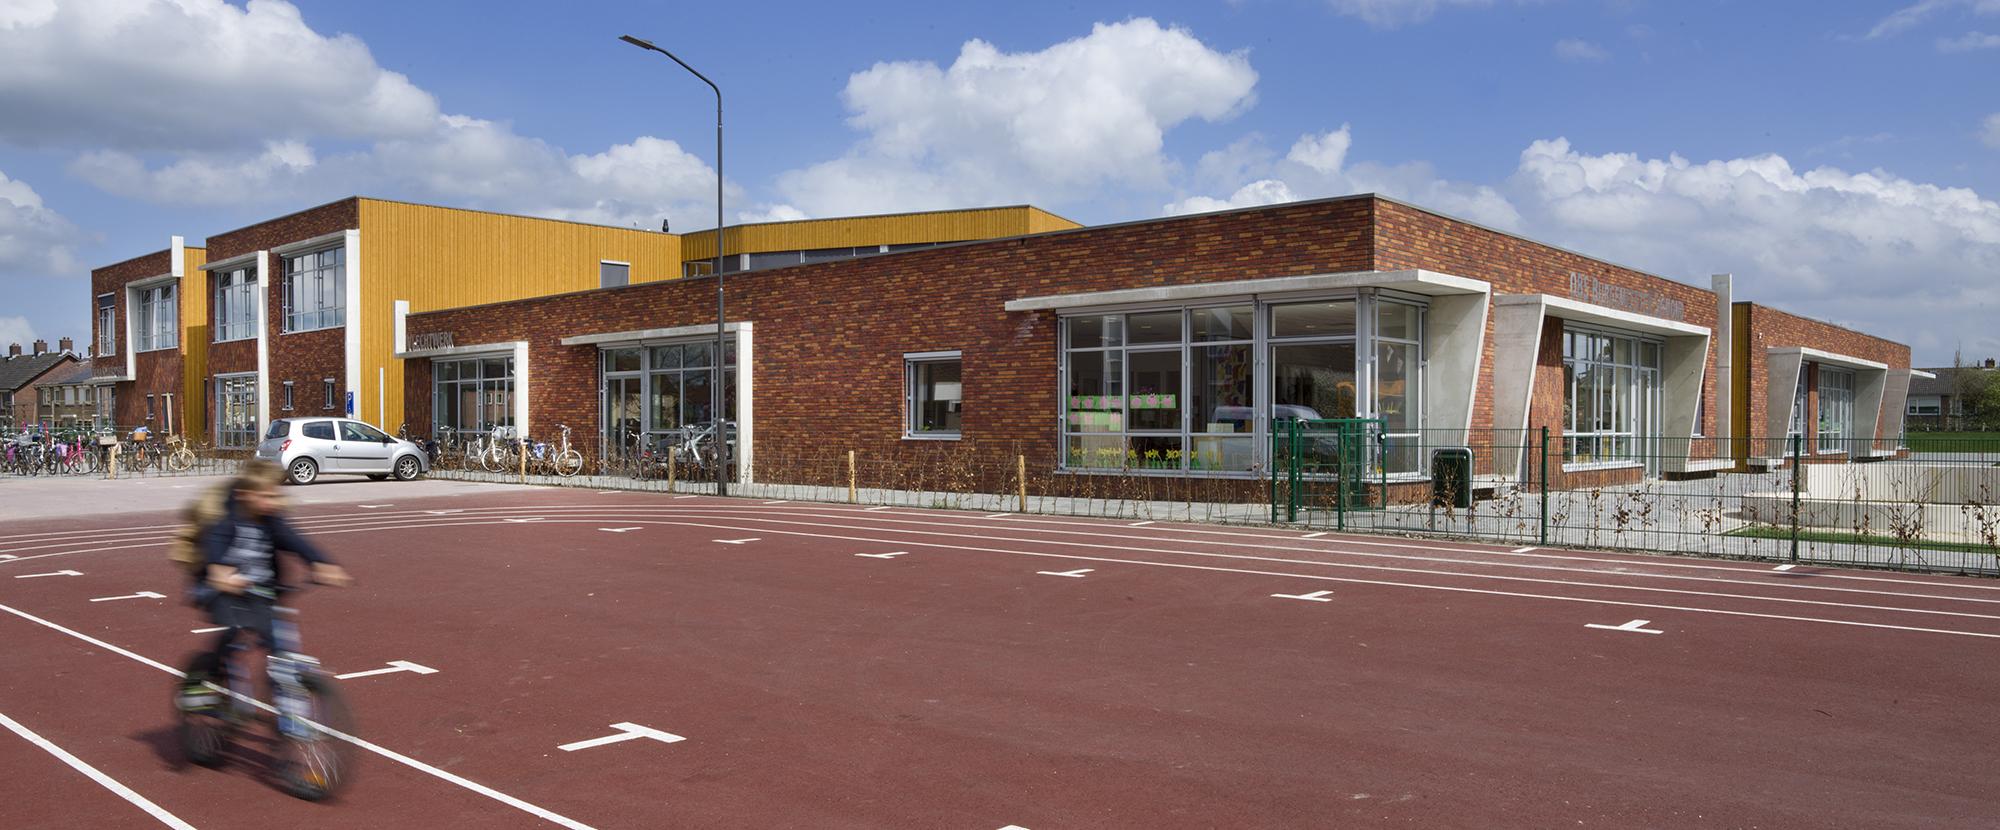 Voorbeeld van architectuurfotografie door fotograaf Maurits van Hout uit Den Haag (Rijswijk)